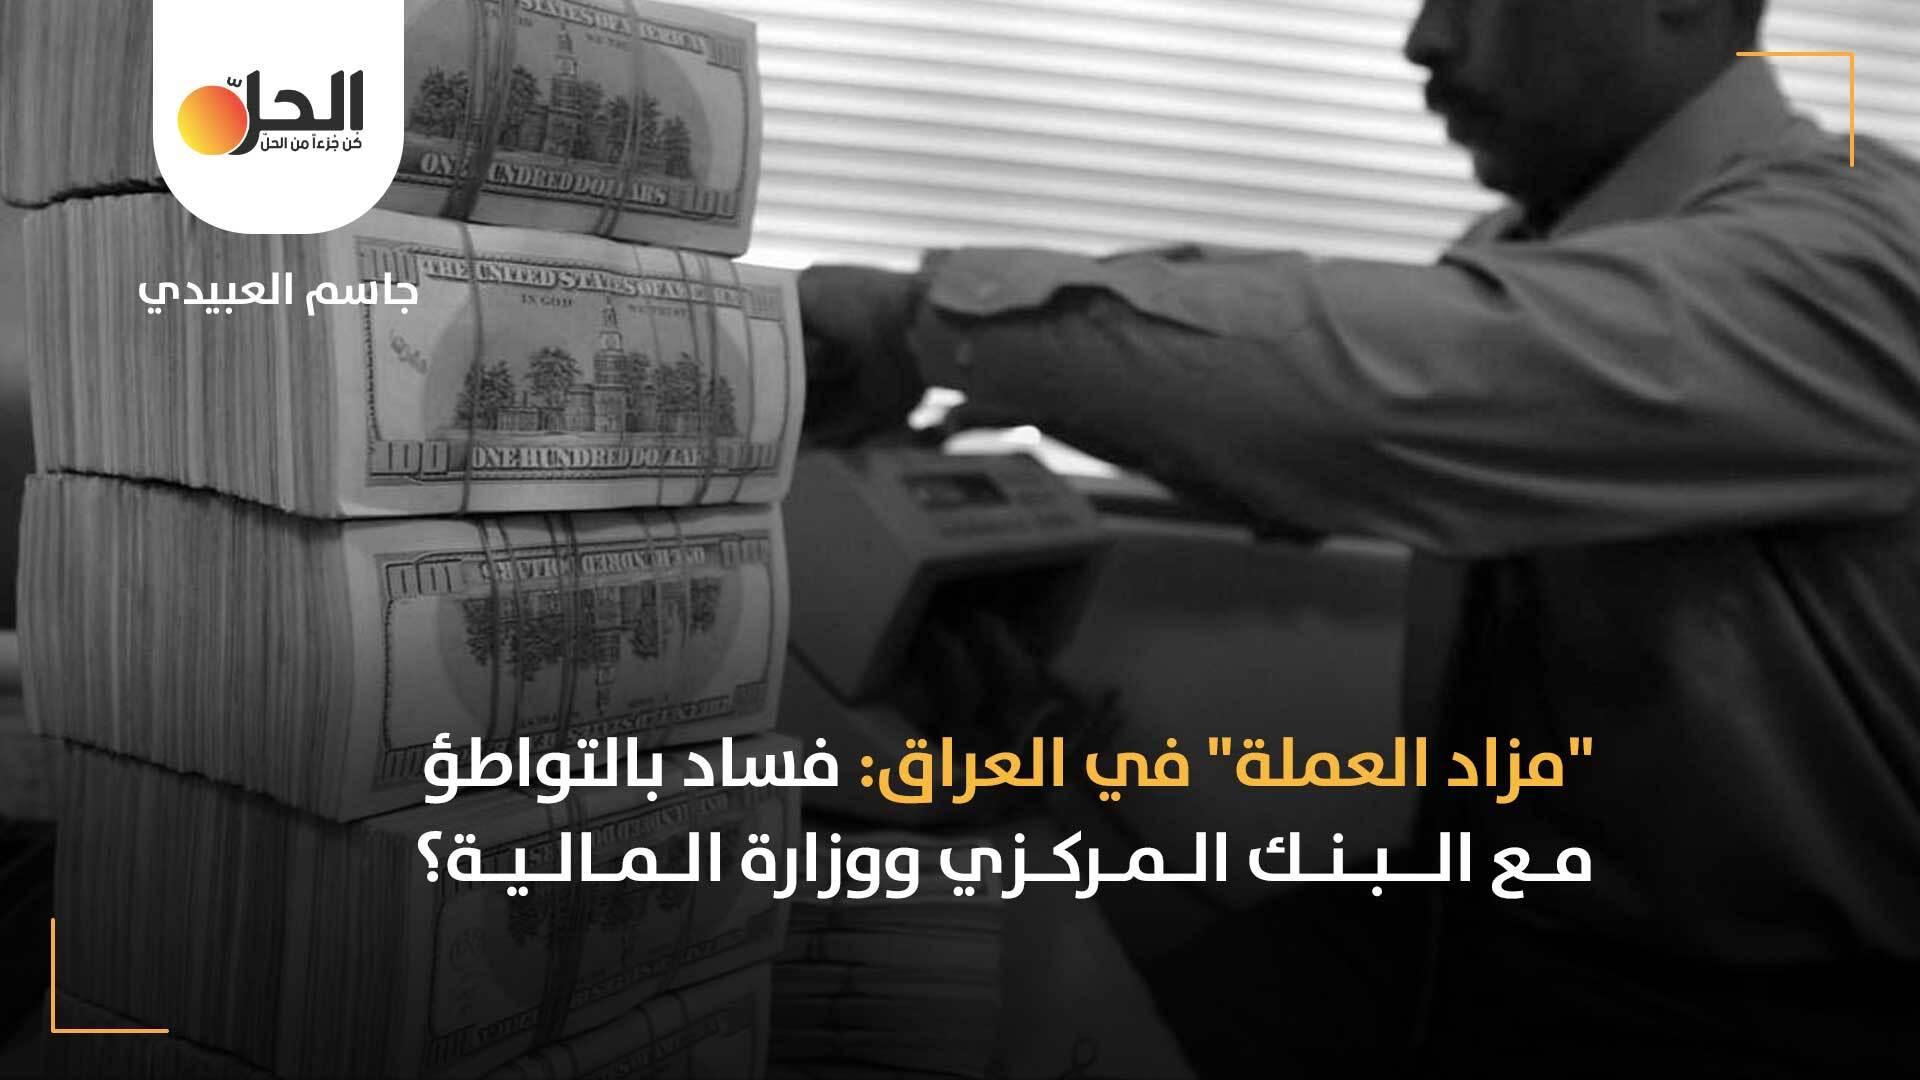 """مصارف """"أهلية"""" مسيسة: ما دور """"مزاد العملة"""" في العجز المالي المزمن للحكومة العراقية؟"""